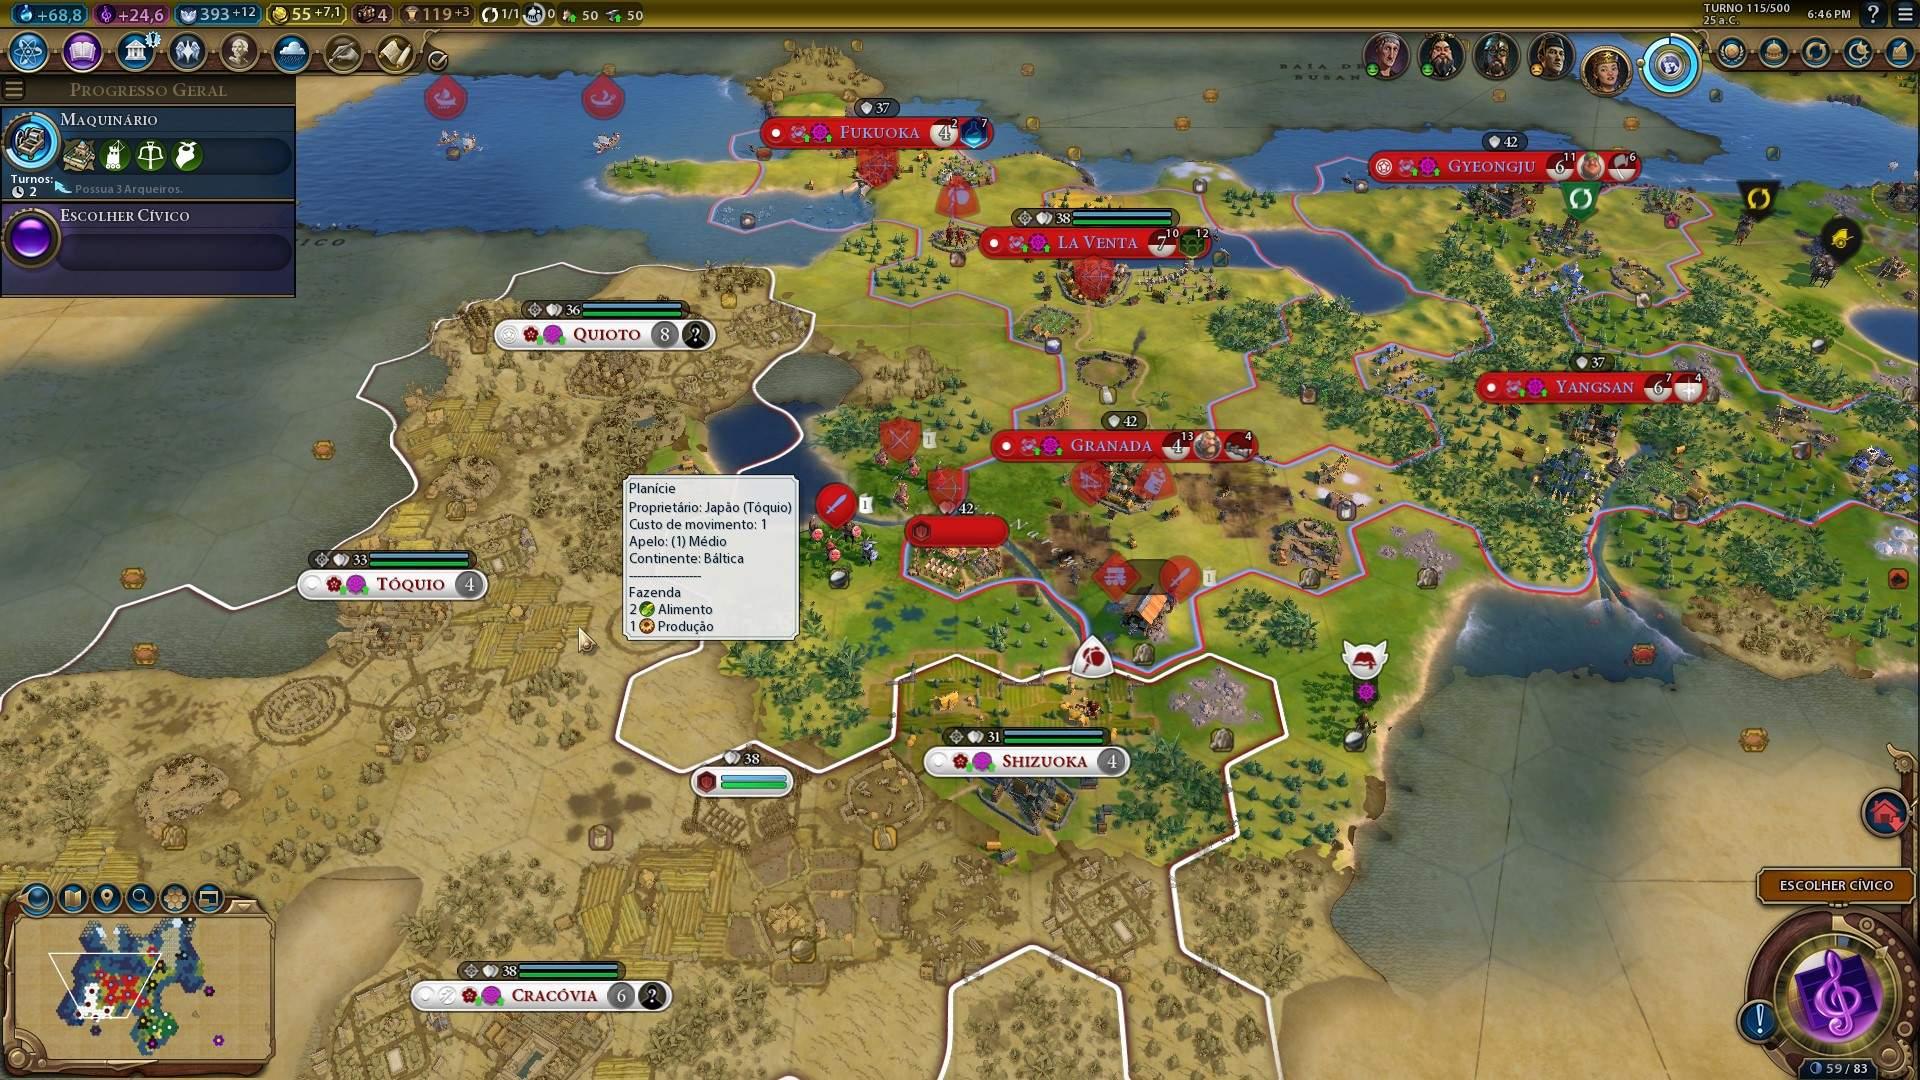 Jogos por turno como Civilization VI são uma ótima opção para monitores com frequência padrão (Fonte: Reprodução/Filipe Salles)